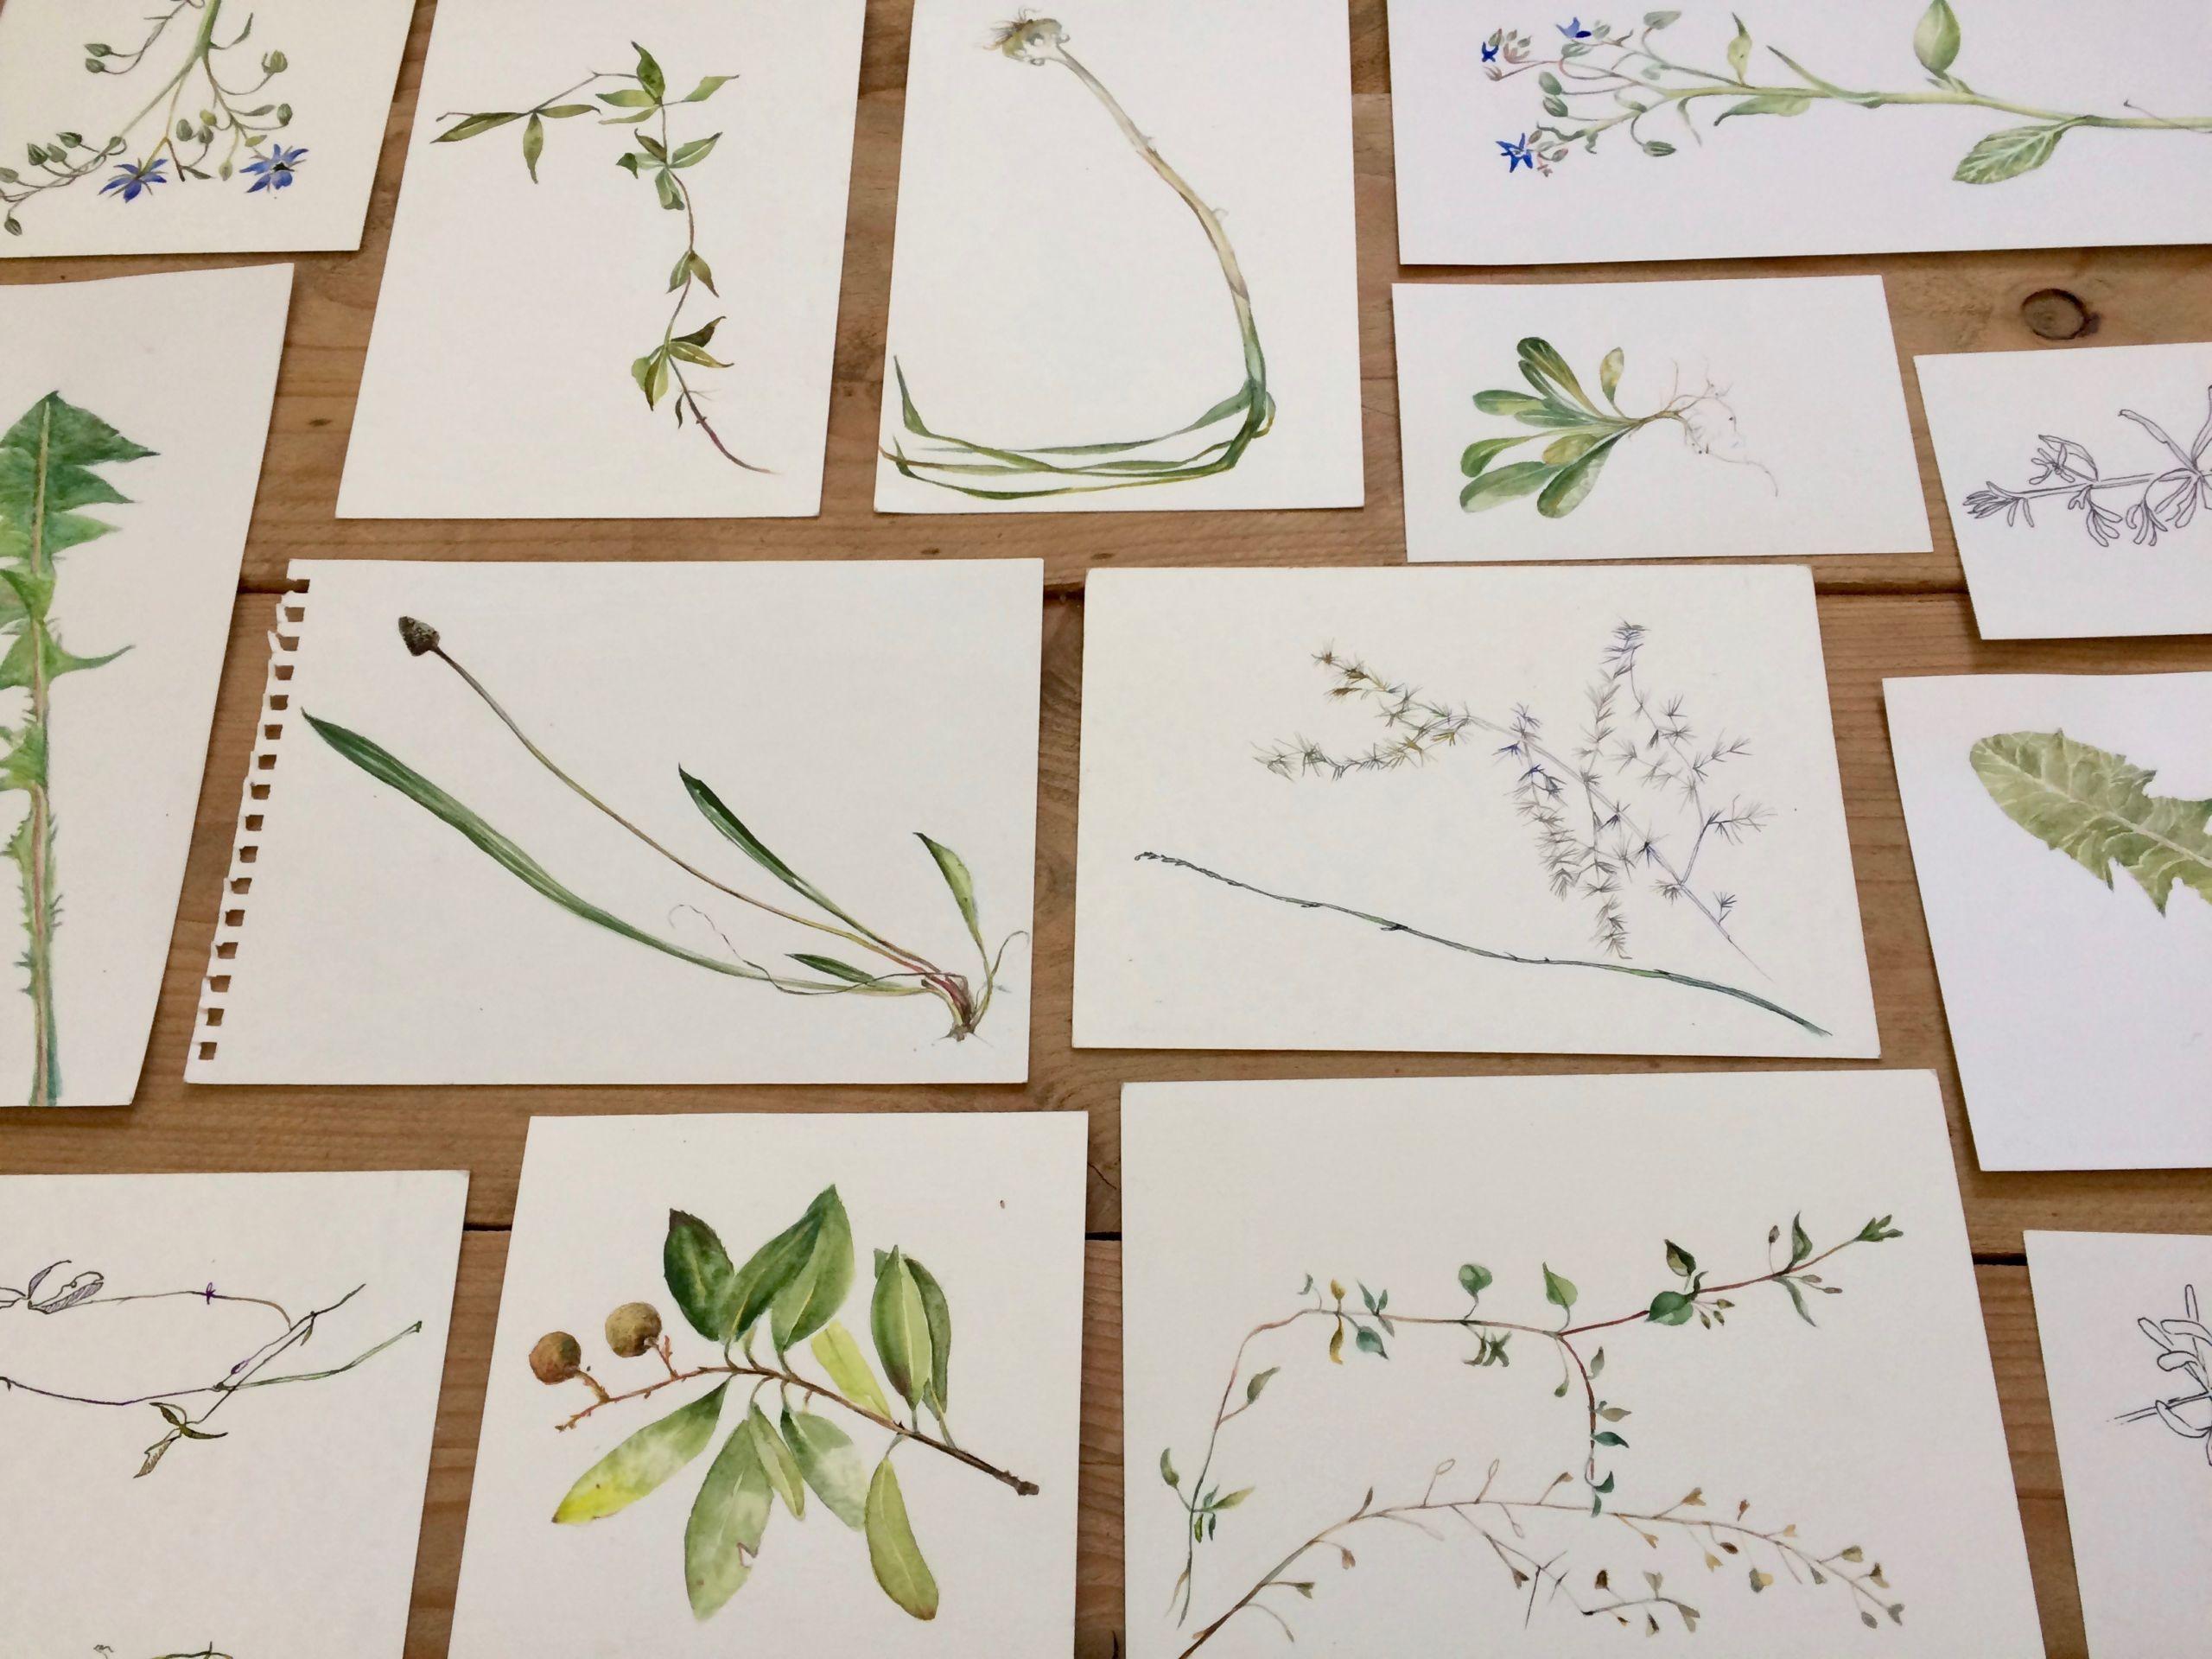 Inventaire des urgences, détail des planches botaniques